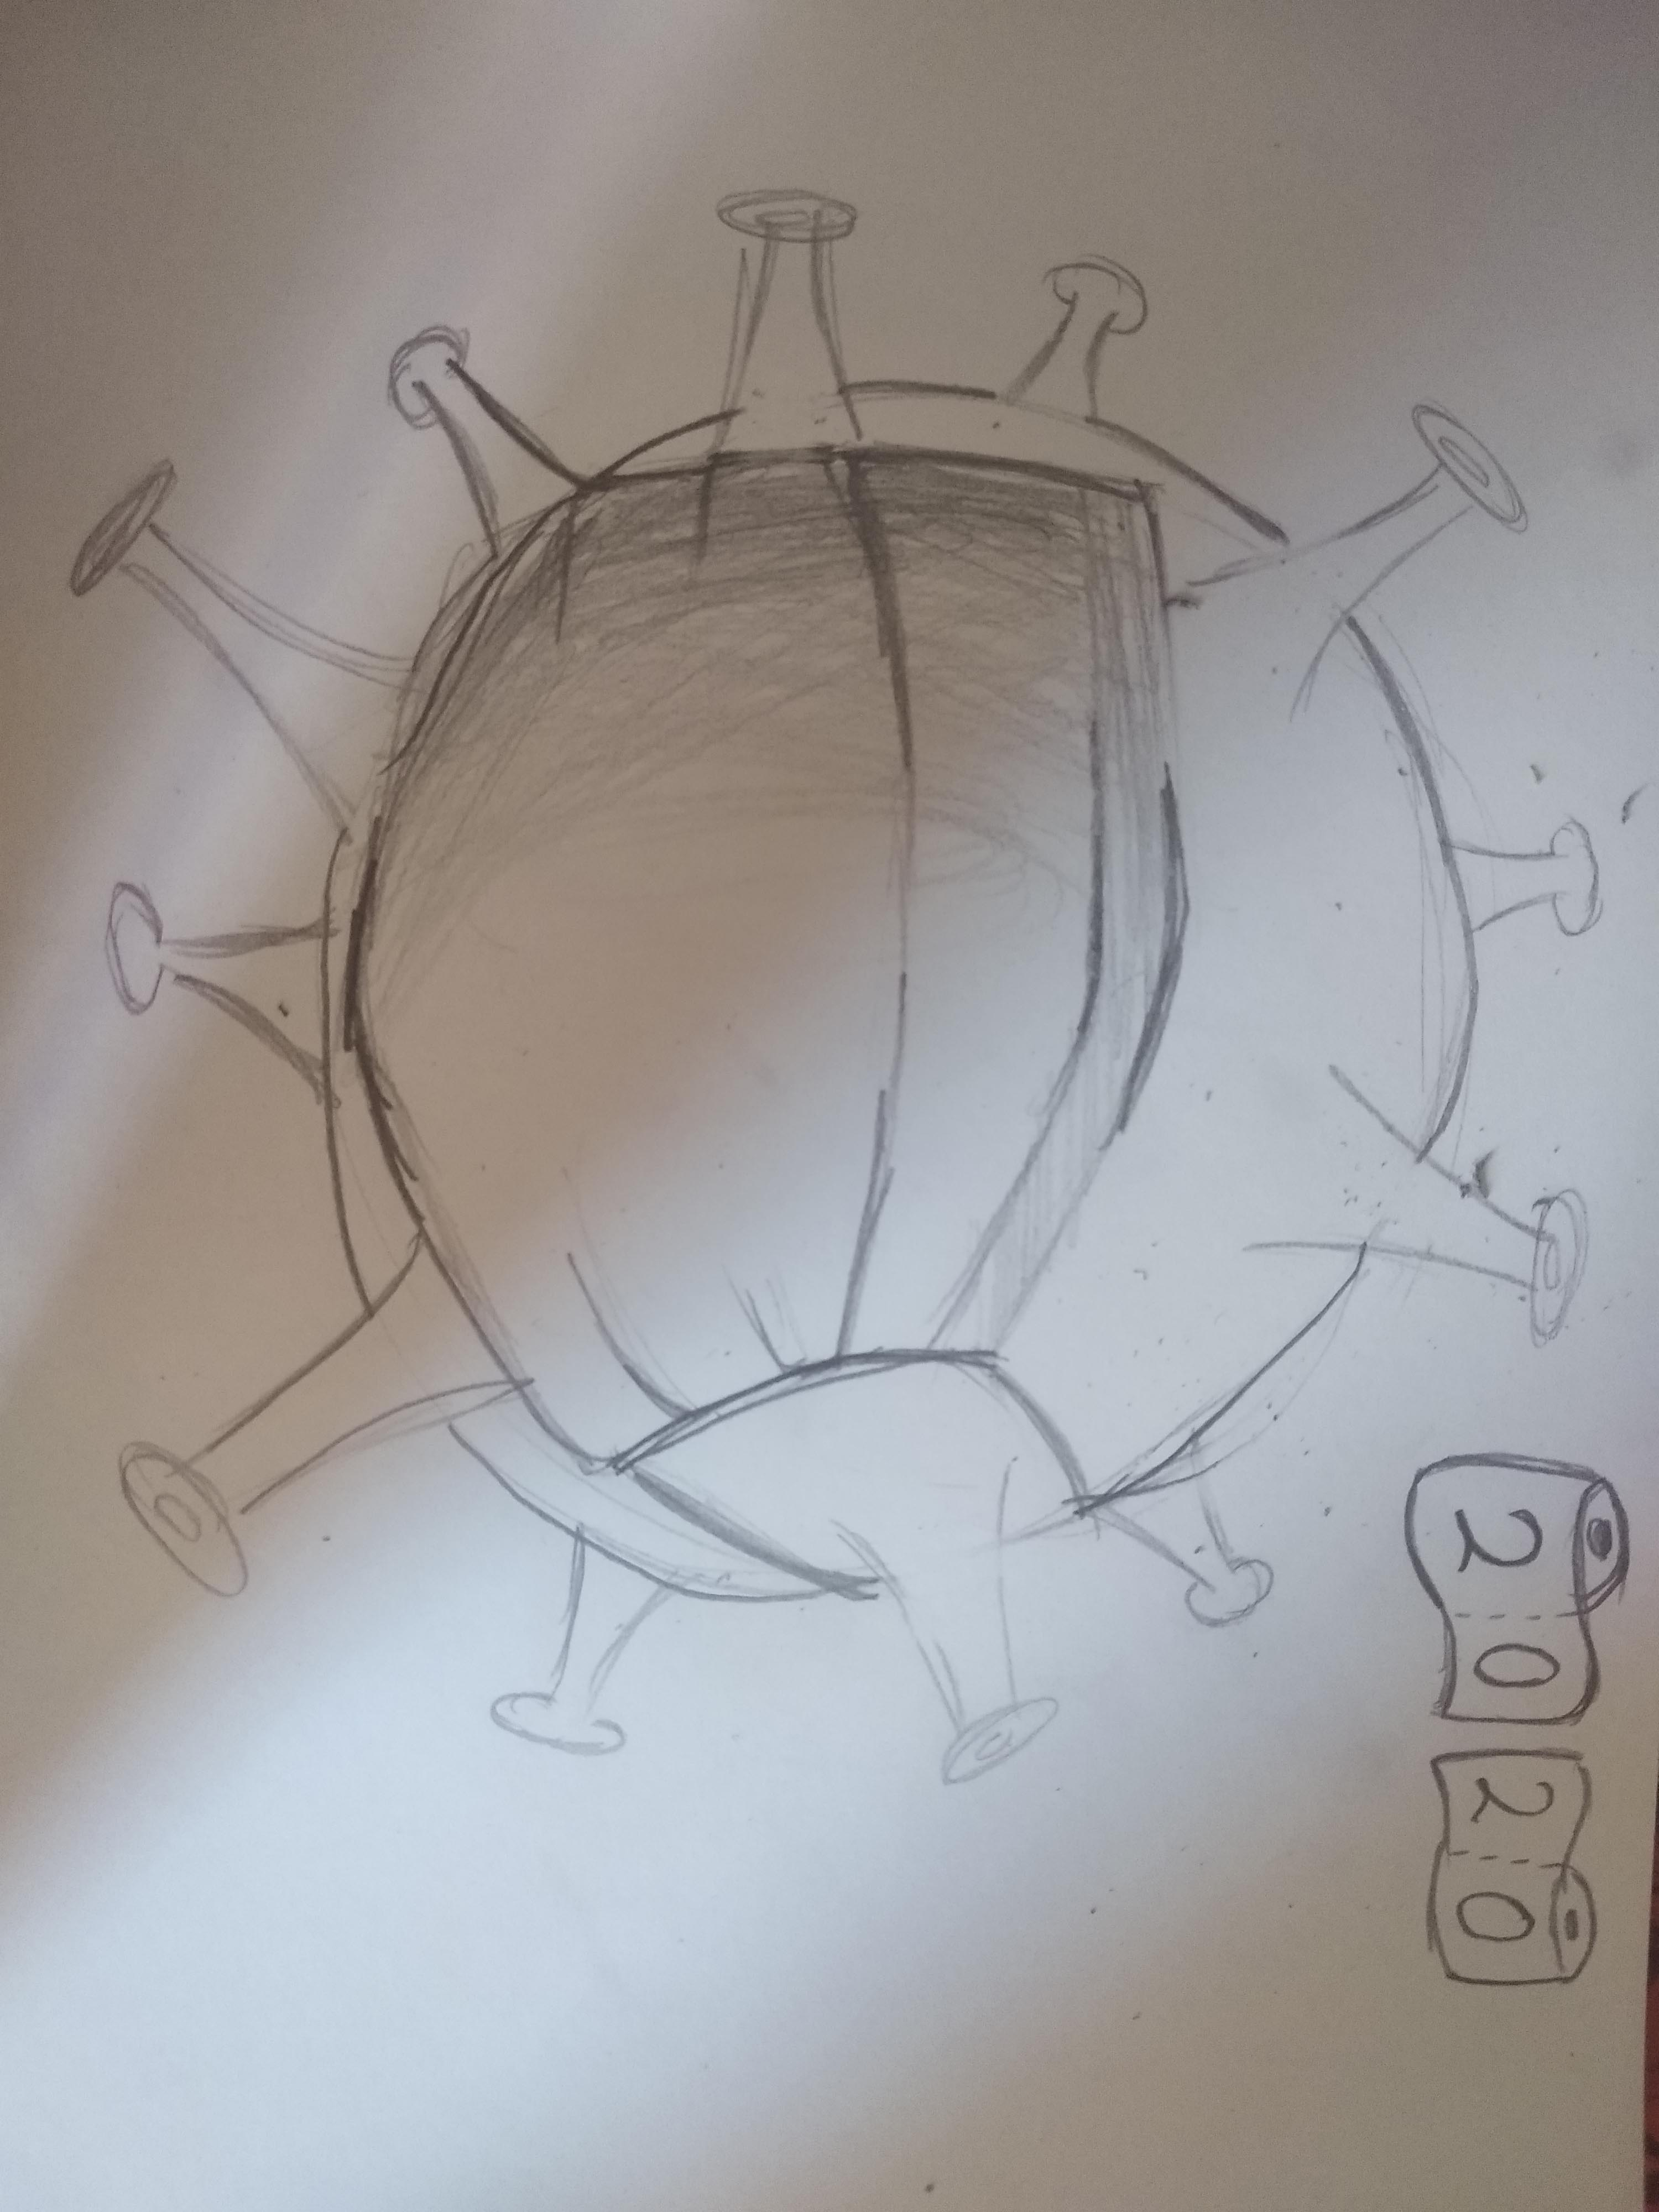 Οι μαθητές της Γ' Γυμνασίου εκφράζονται μέσω της τέχνης κατά τη περίοδο του εγκλεισμού-12